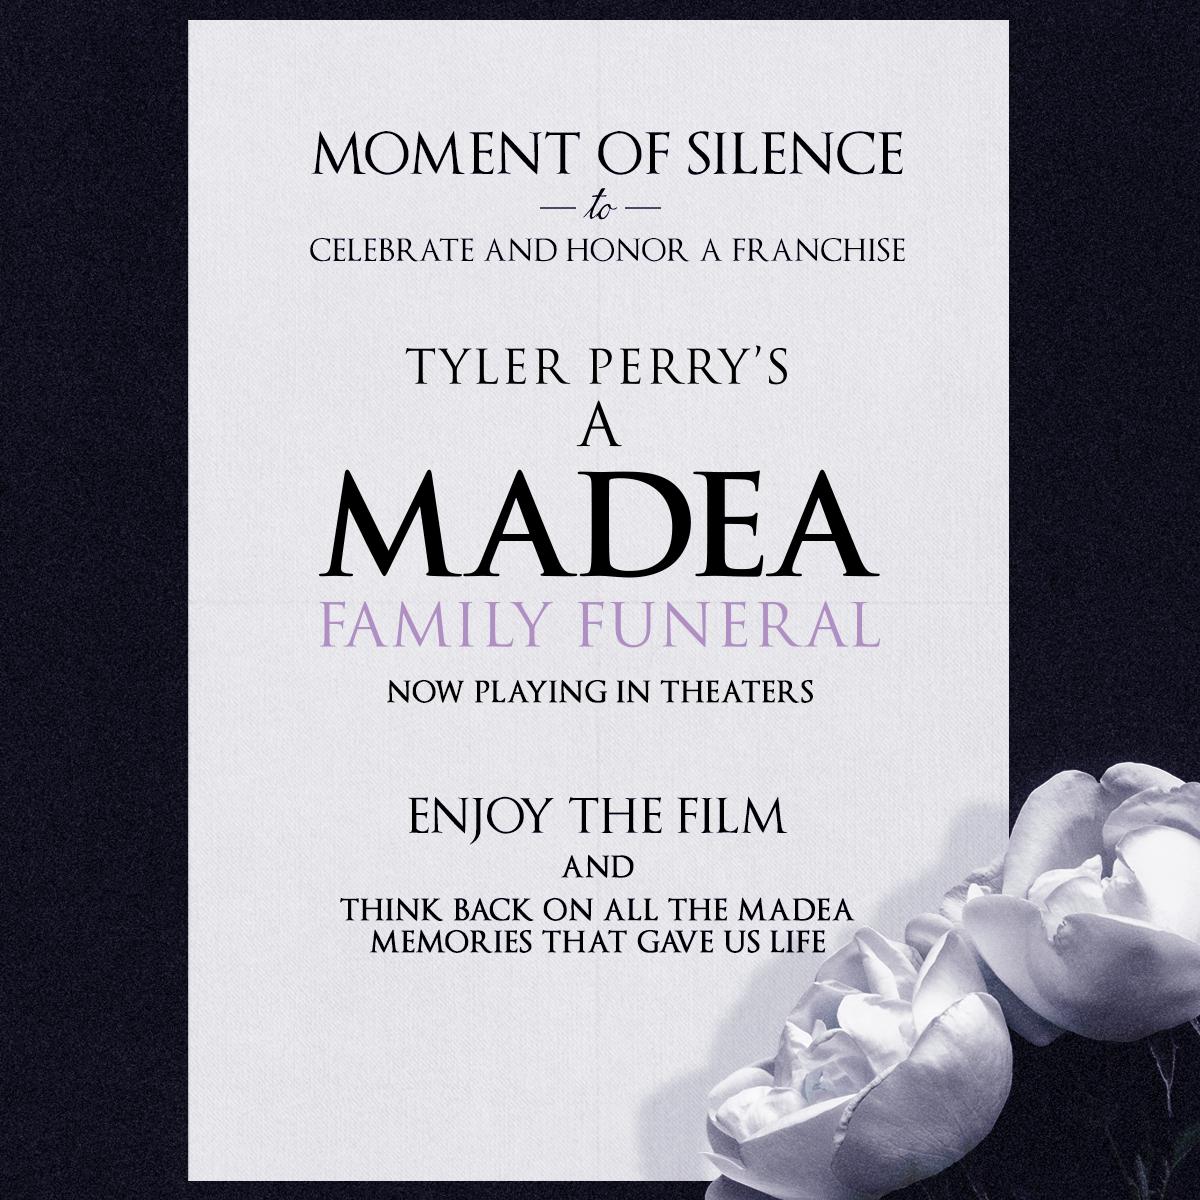 Madea Moment of Silence